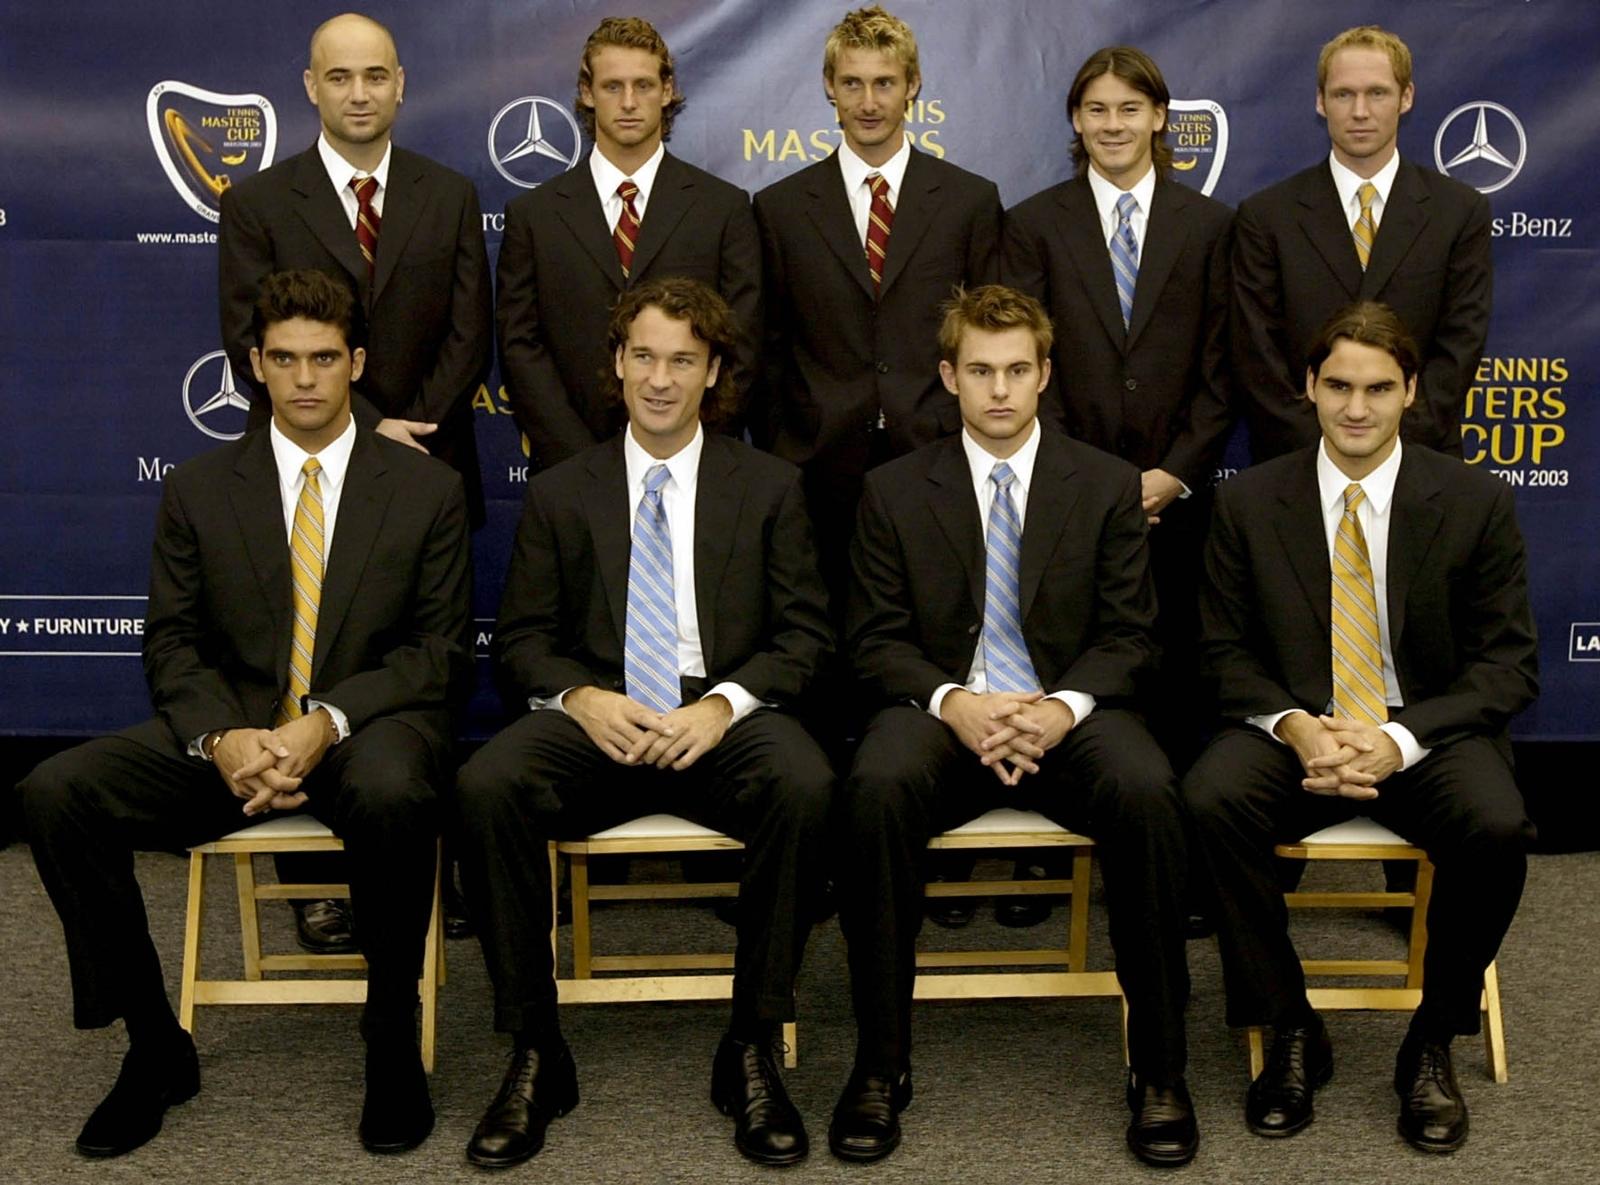 Roger Federer and Rainer Schuettler